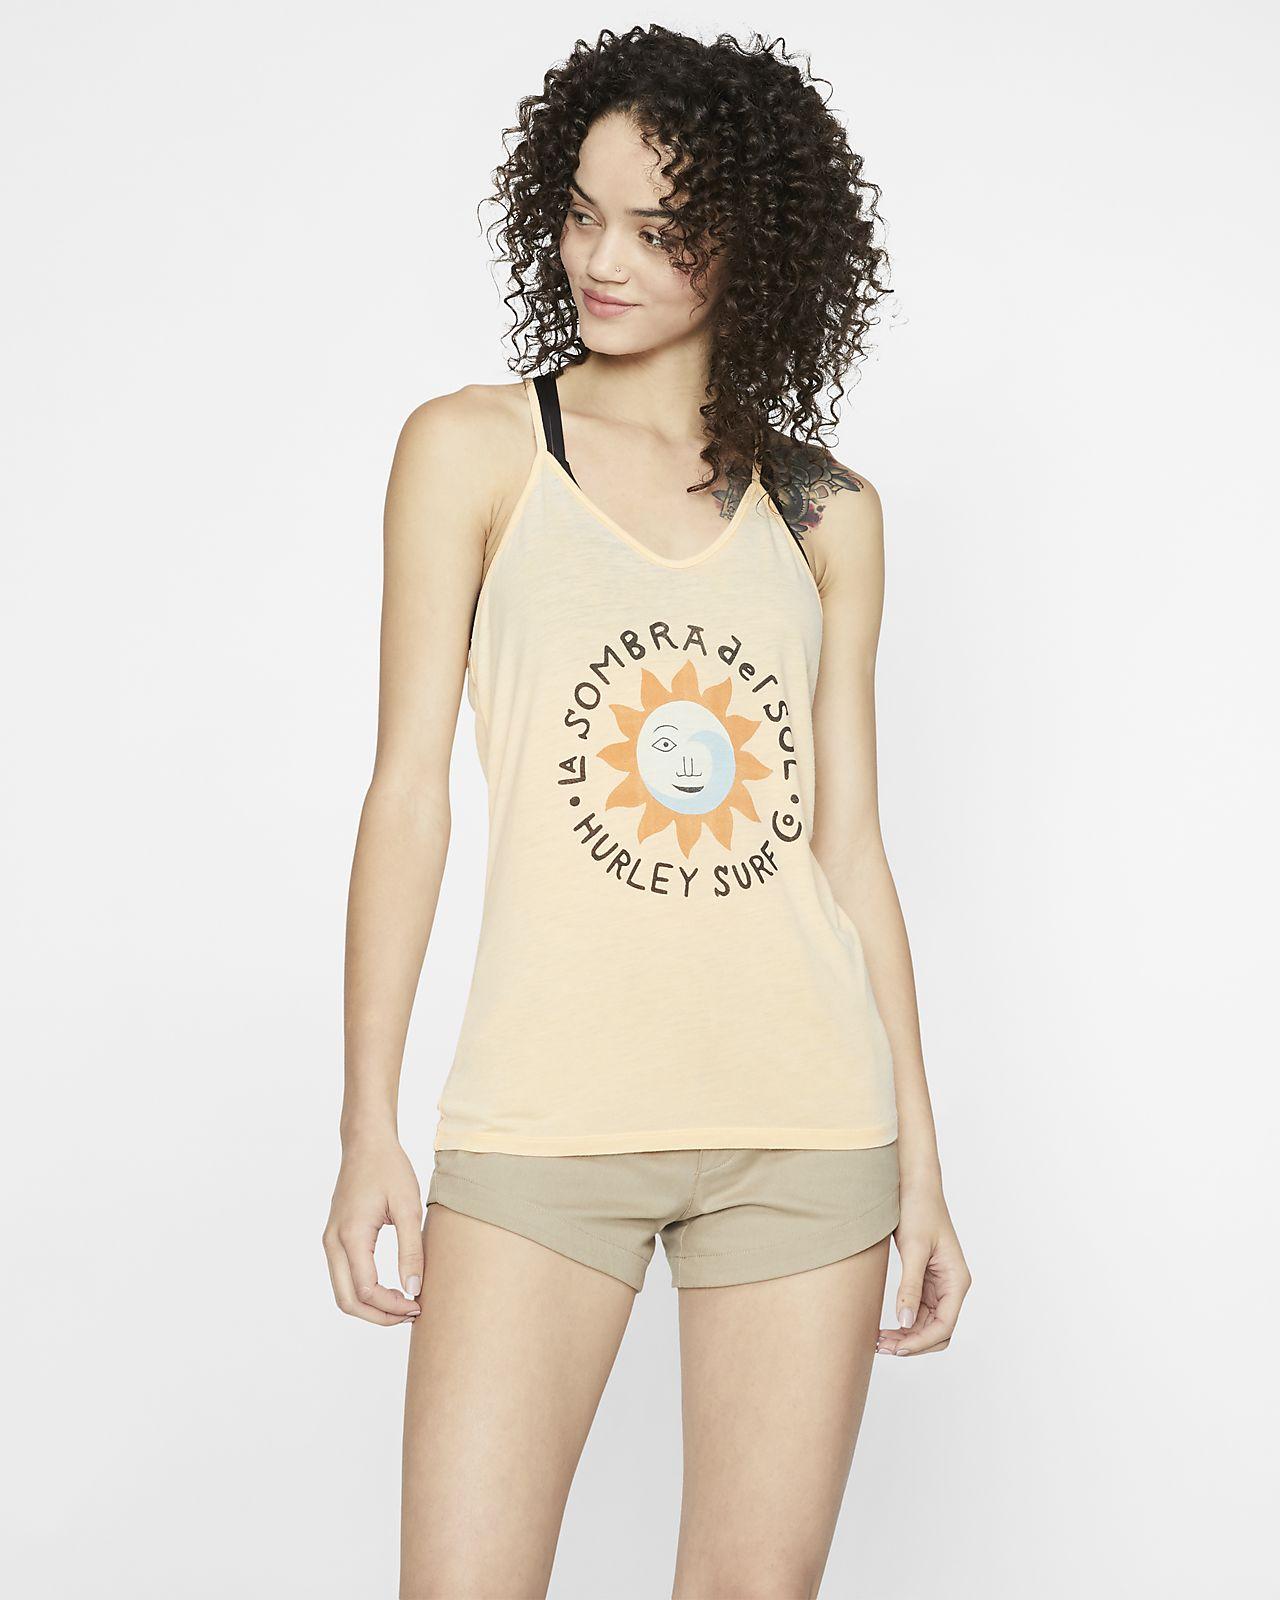 Hurley La Sombra Camiseta de tirantes - Mujer